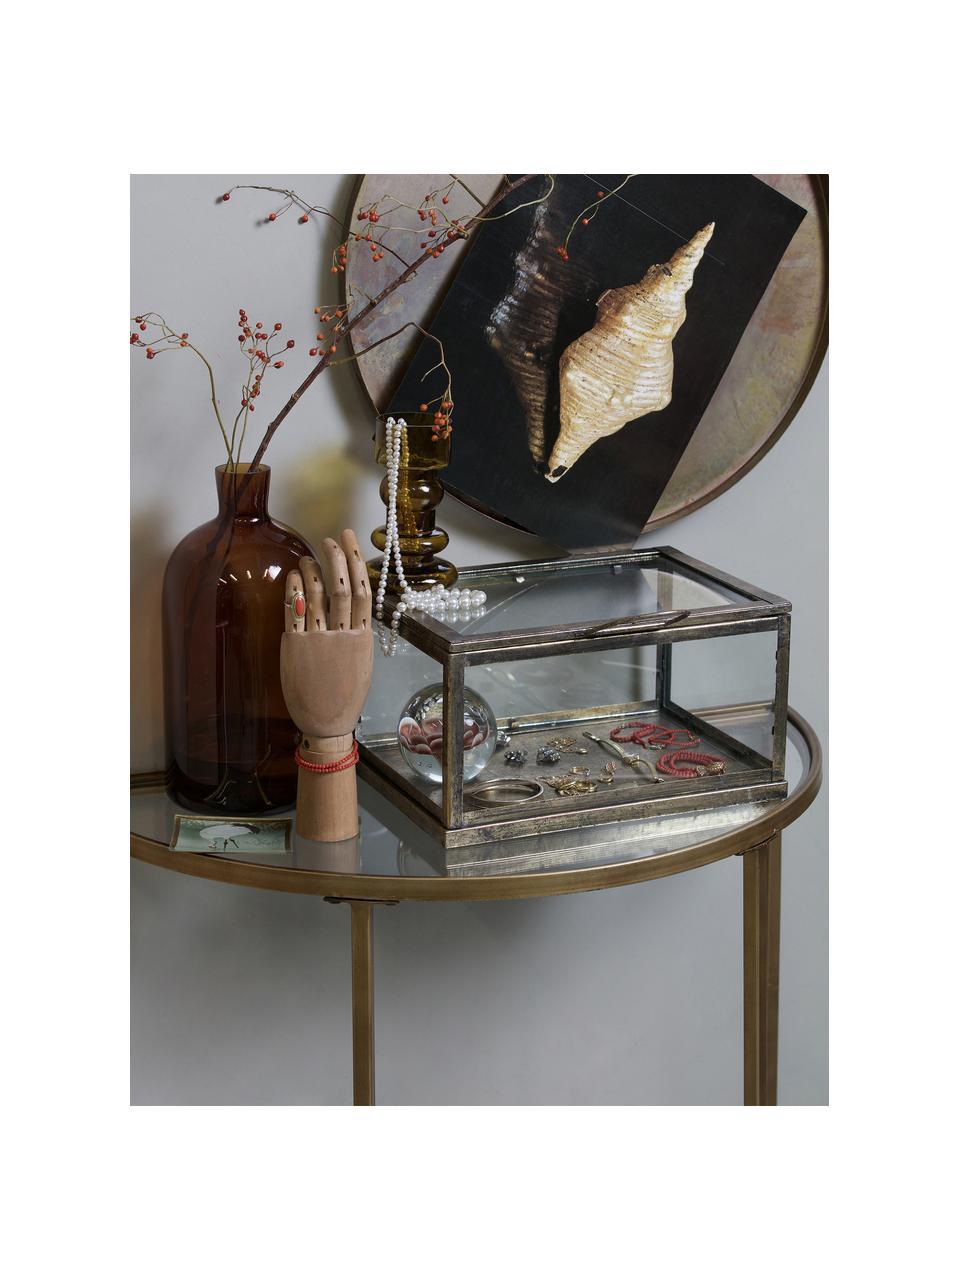 Halbrunde Glas-Konsole Goddess mit Antik-Finish, Gestell: Metall, pulverbeschichtet, Messingfarben, 76 x 75 cm